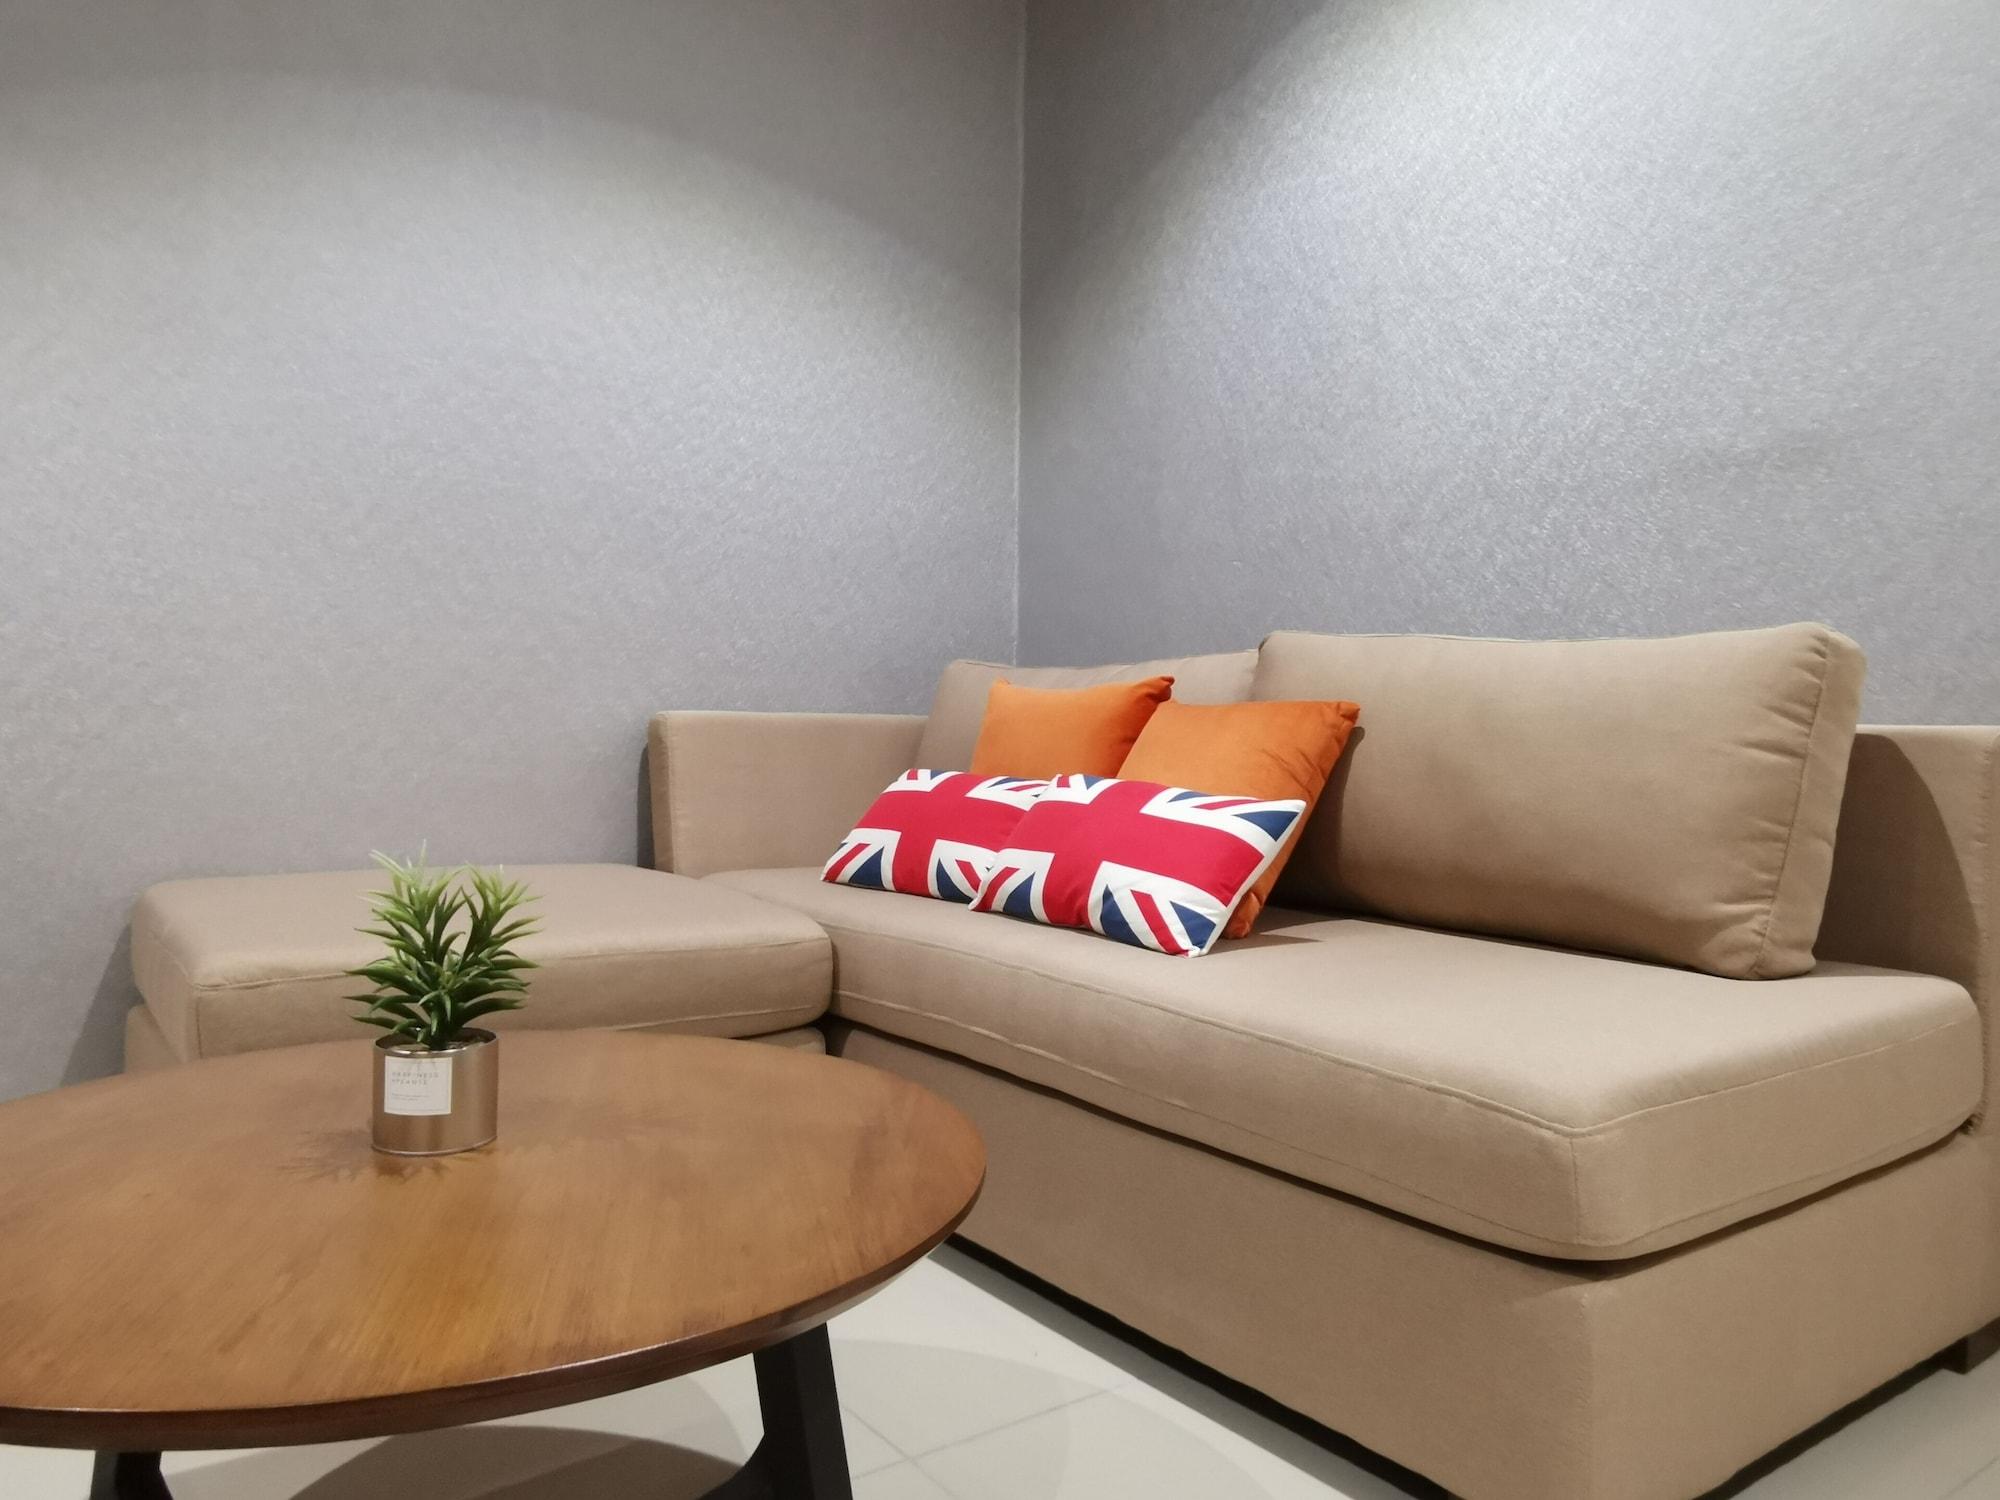 Eminent Suite @ i-Soho, i-City, Kuala Lumpur